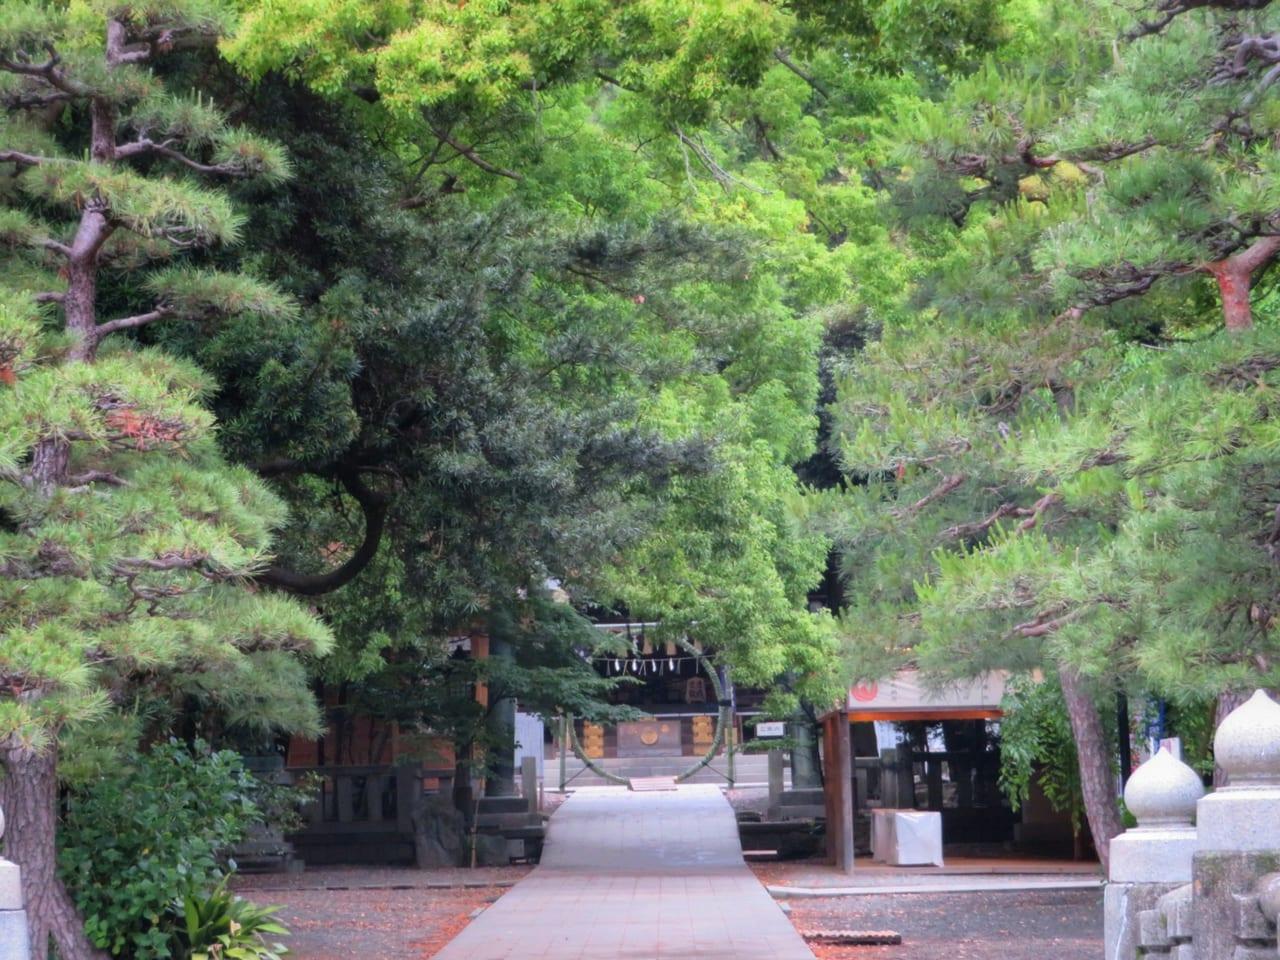 平塚八幡宮に「夏病みしない」茅の輪がお目見え 新型コロナウイルス早期終息を願って例年よりひと月早く